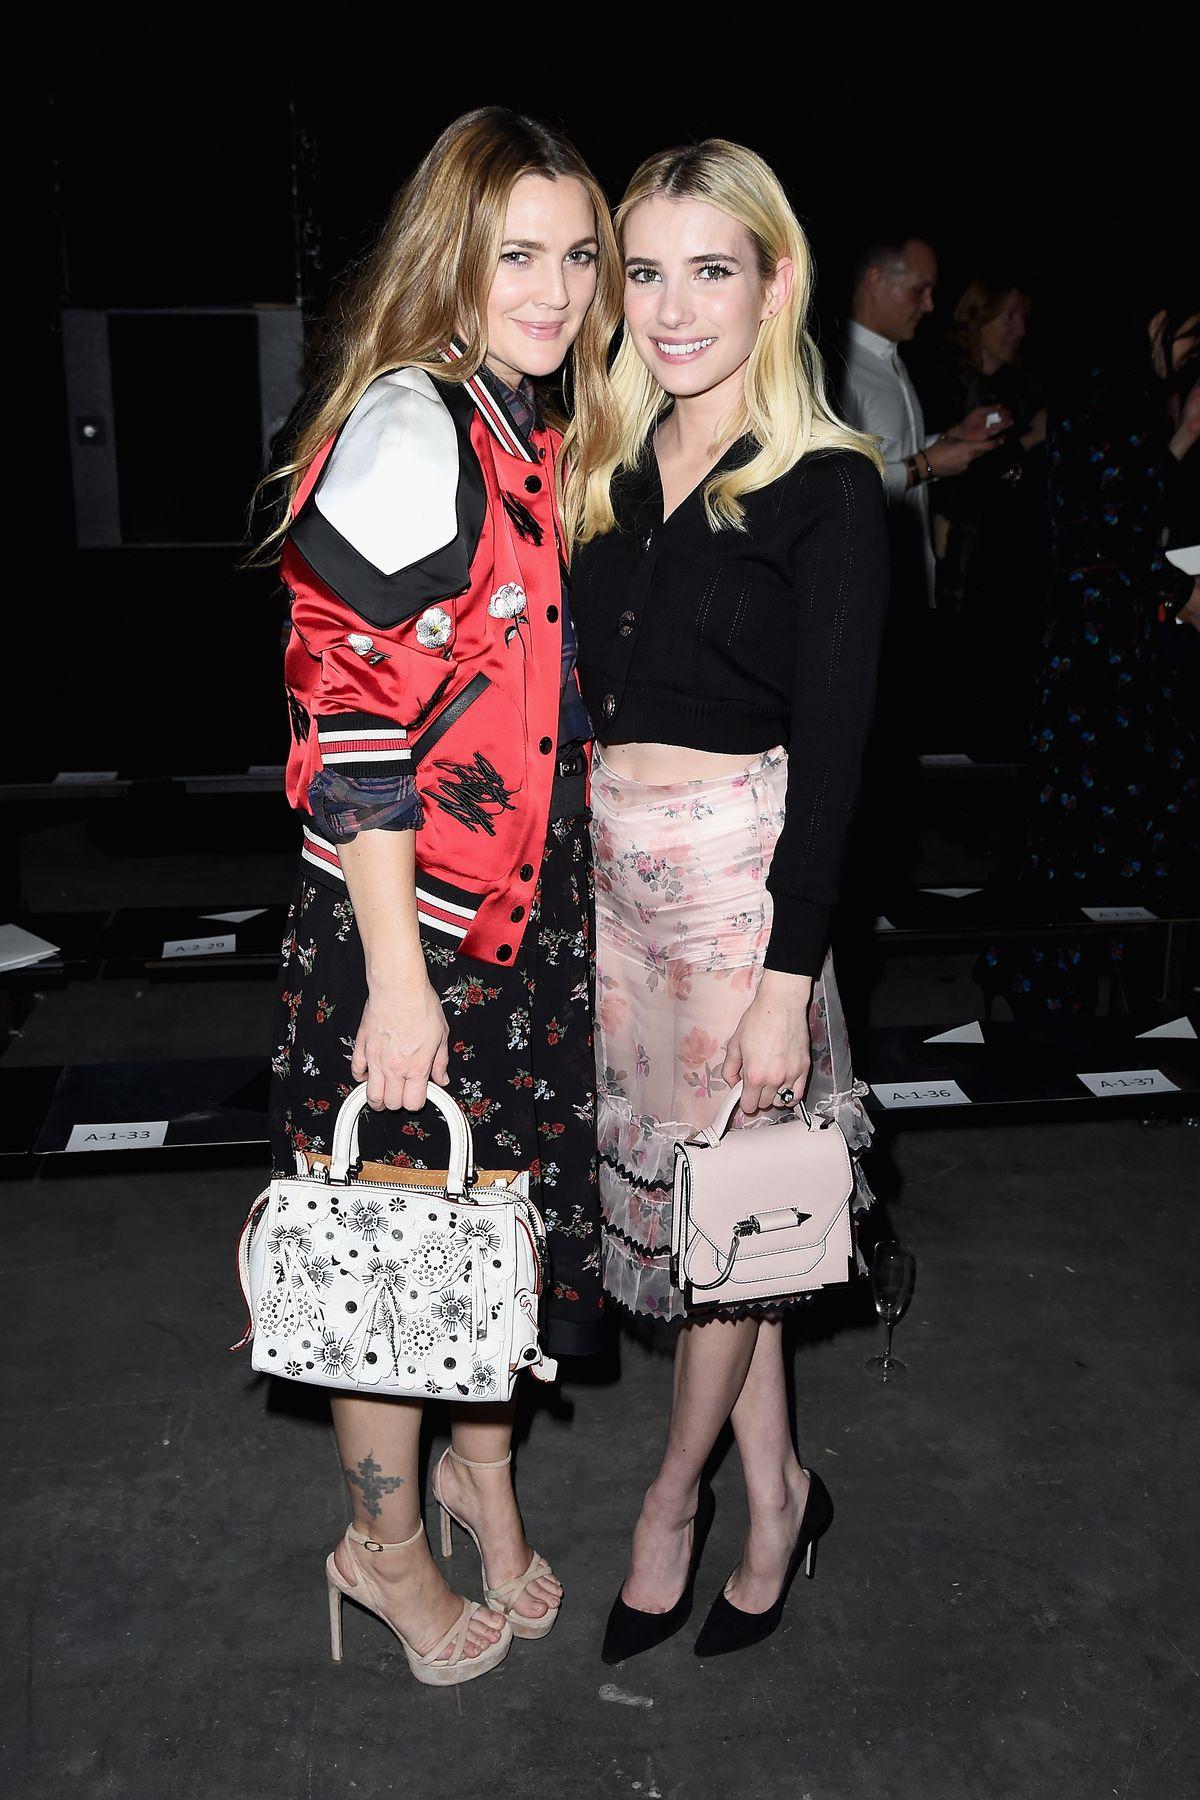 Schauspielerinnen Drew Barrymore (41) und Emma Roberts (25)